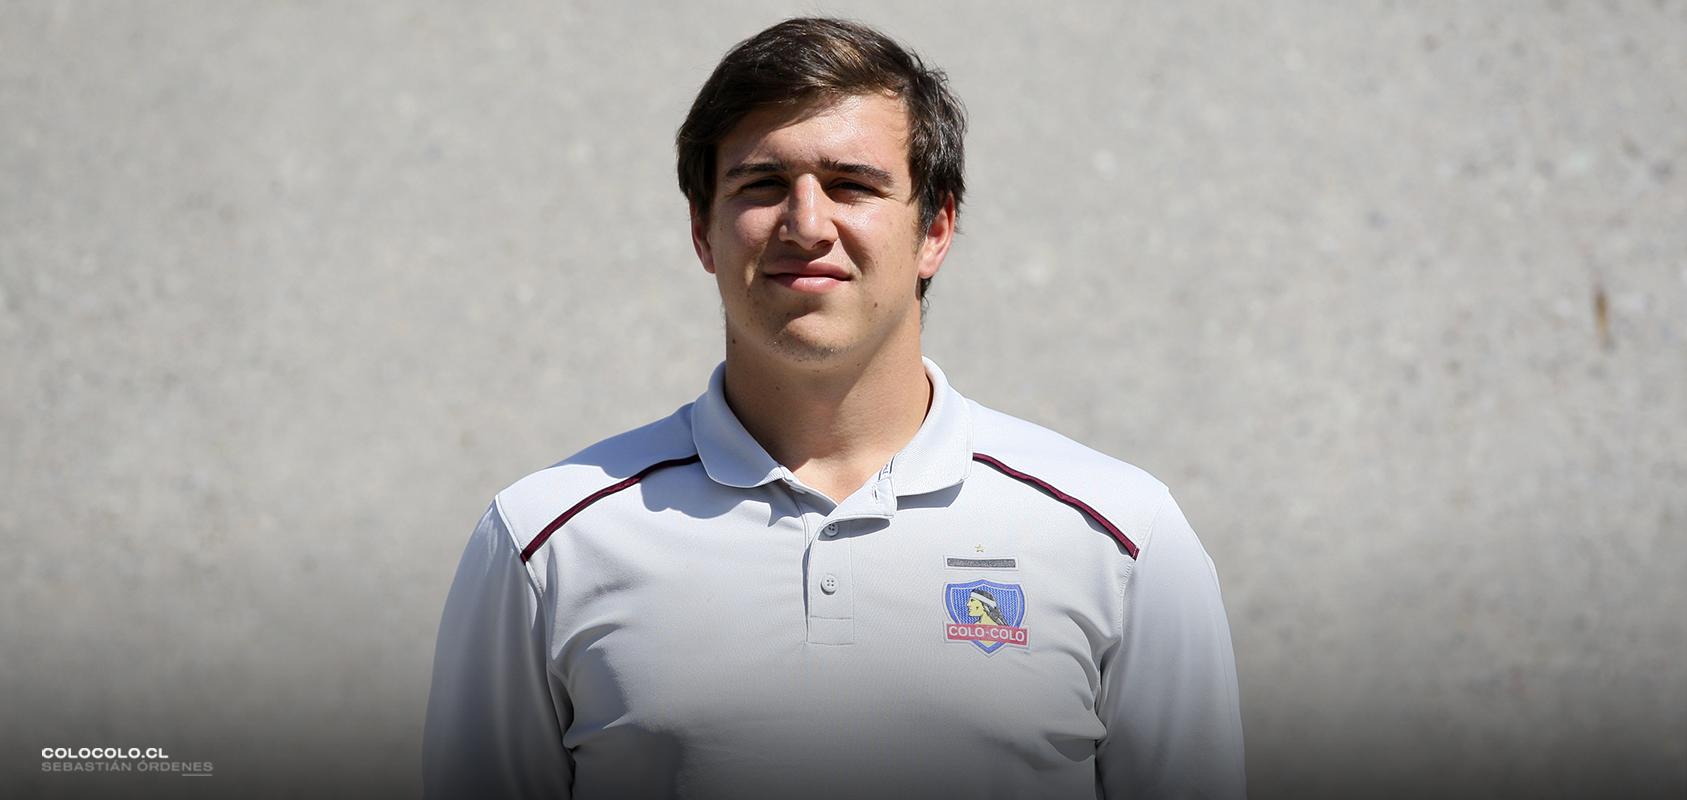 El importante trabajo psicológico de Antonio Ceresuela en el Fútbol Joven